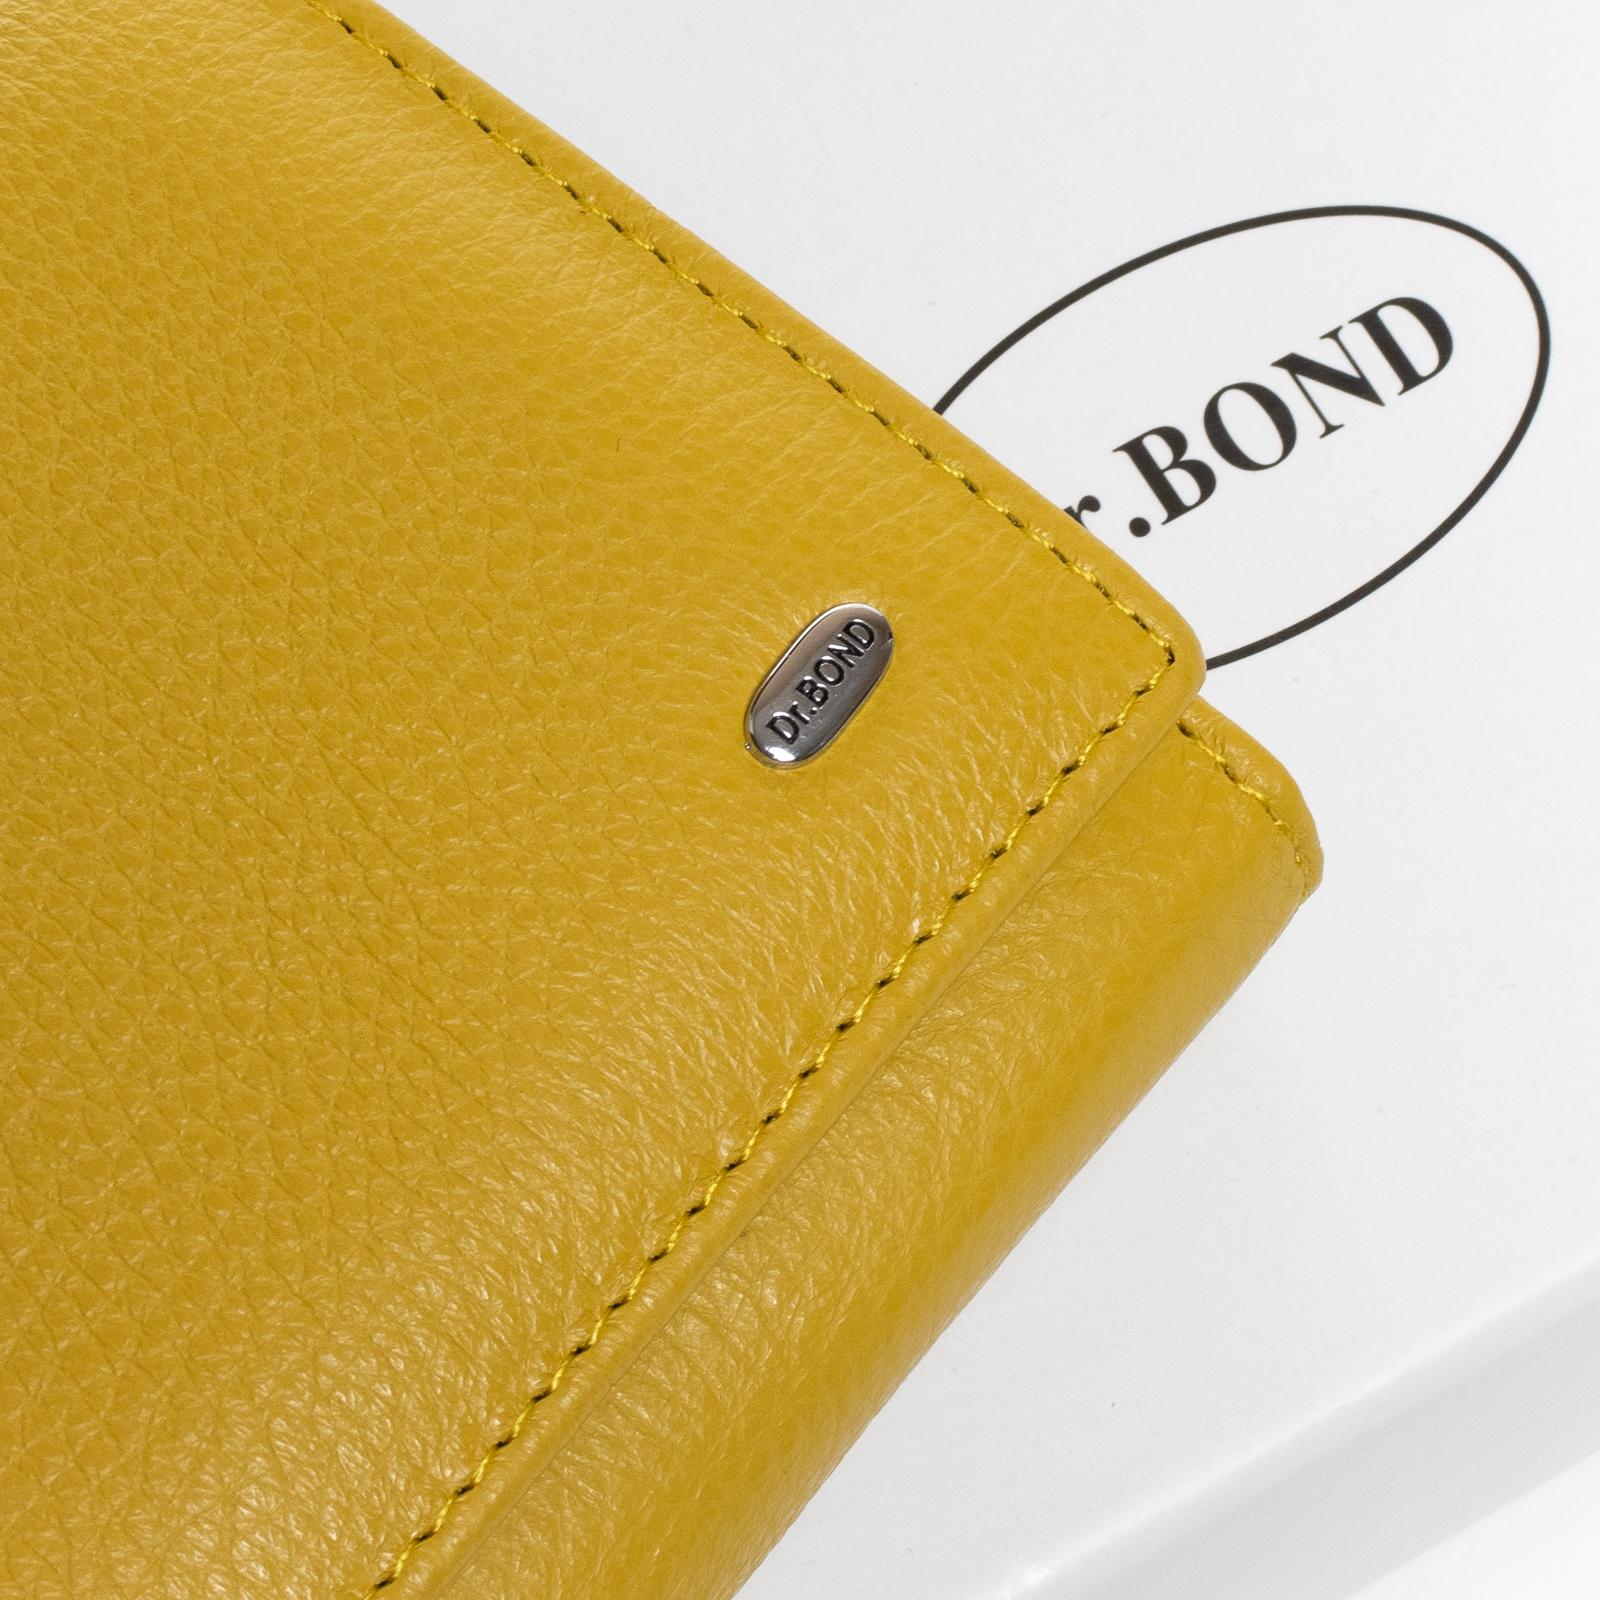 Кошелек Classic кожа DR. BOND W46-2 yellow - фото 3